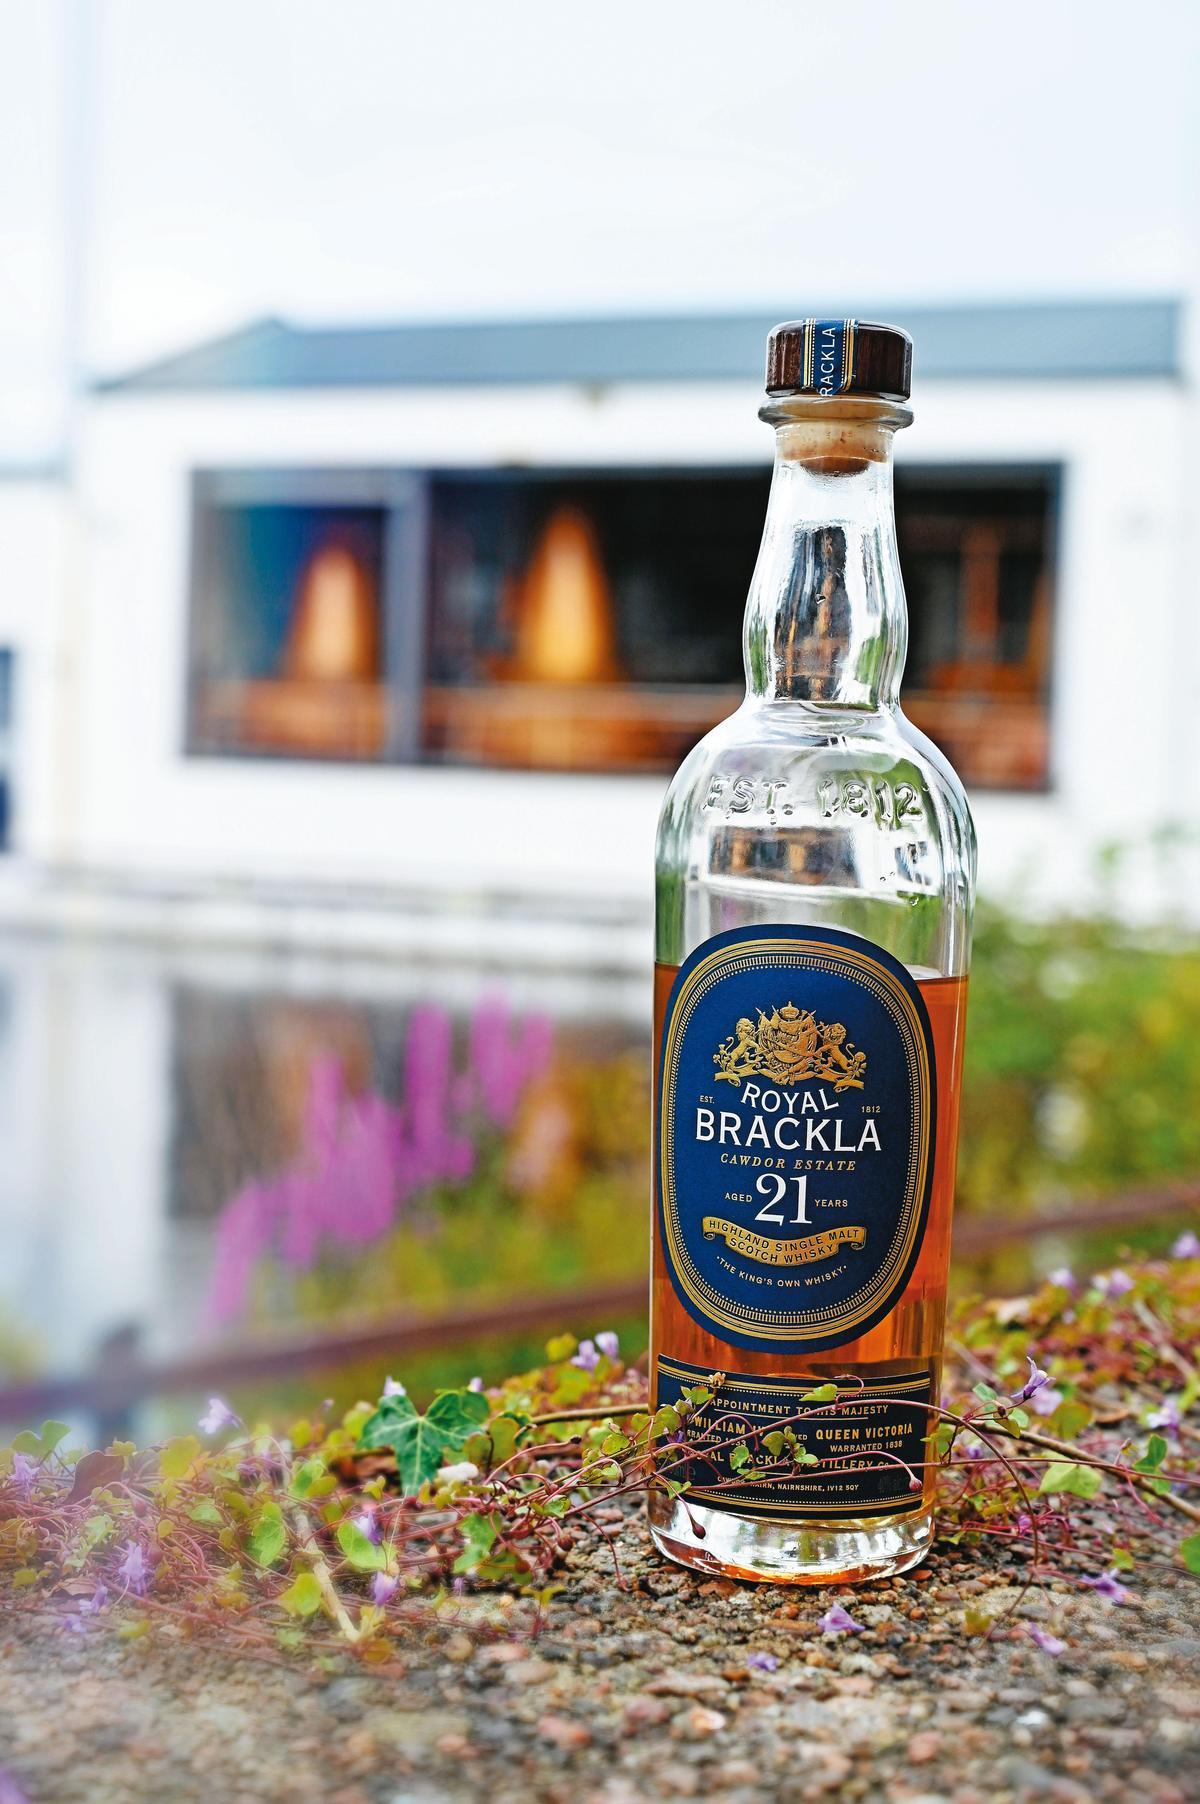 品嘗「王者之飲」皇家柏克萊21年單一麥芽蘇格蘭威士忌,是種難忘的經驗,果香與辛香完美融合。